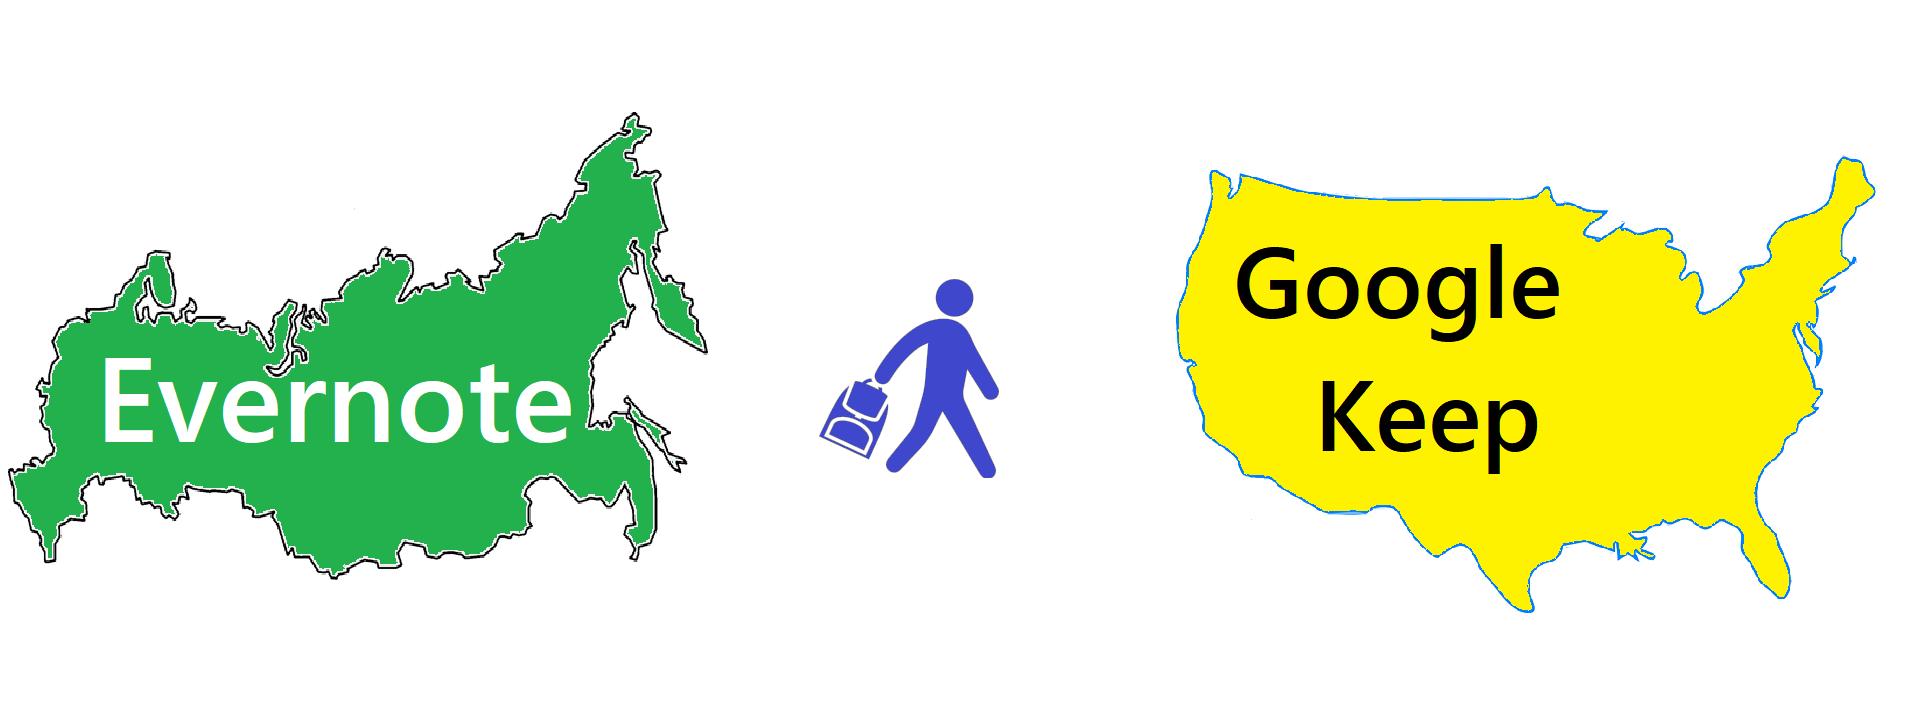 Эмиграция из Evernote в Google Keep: мой личный опыт